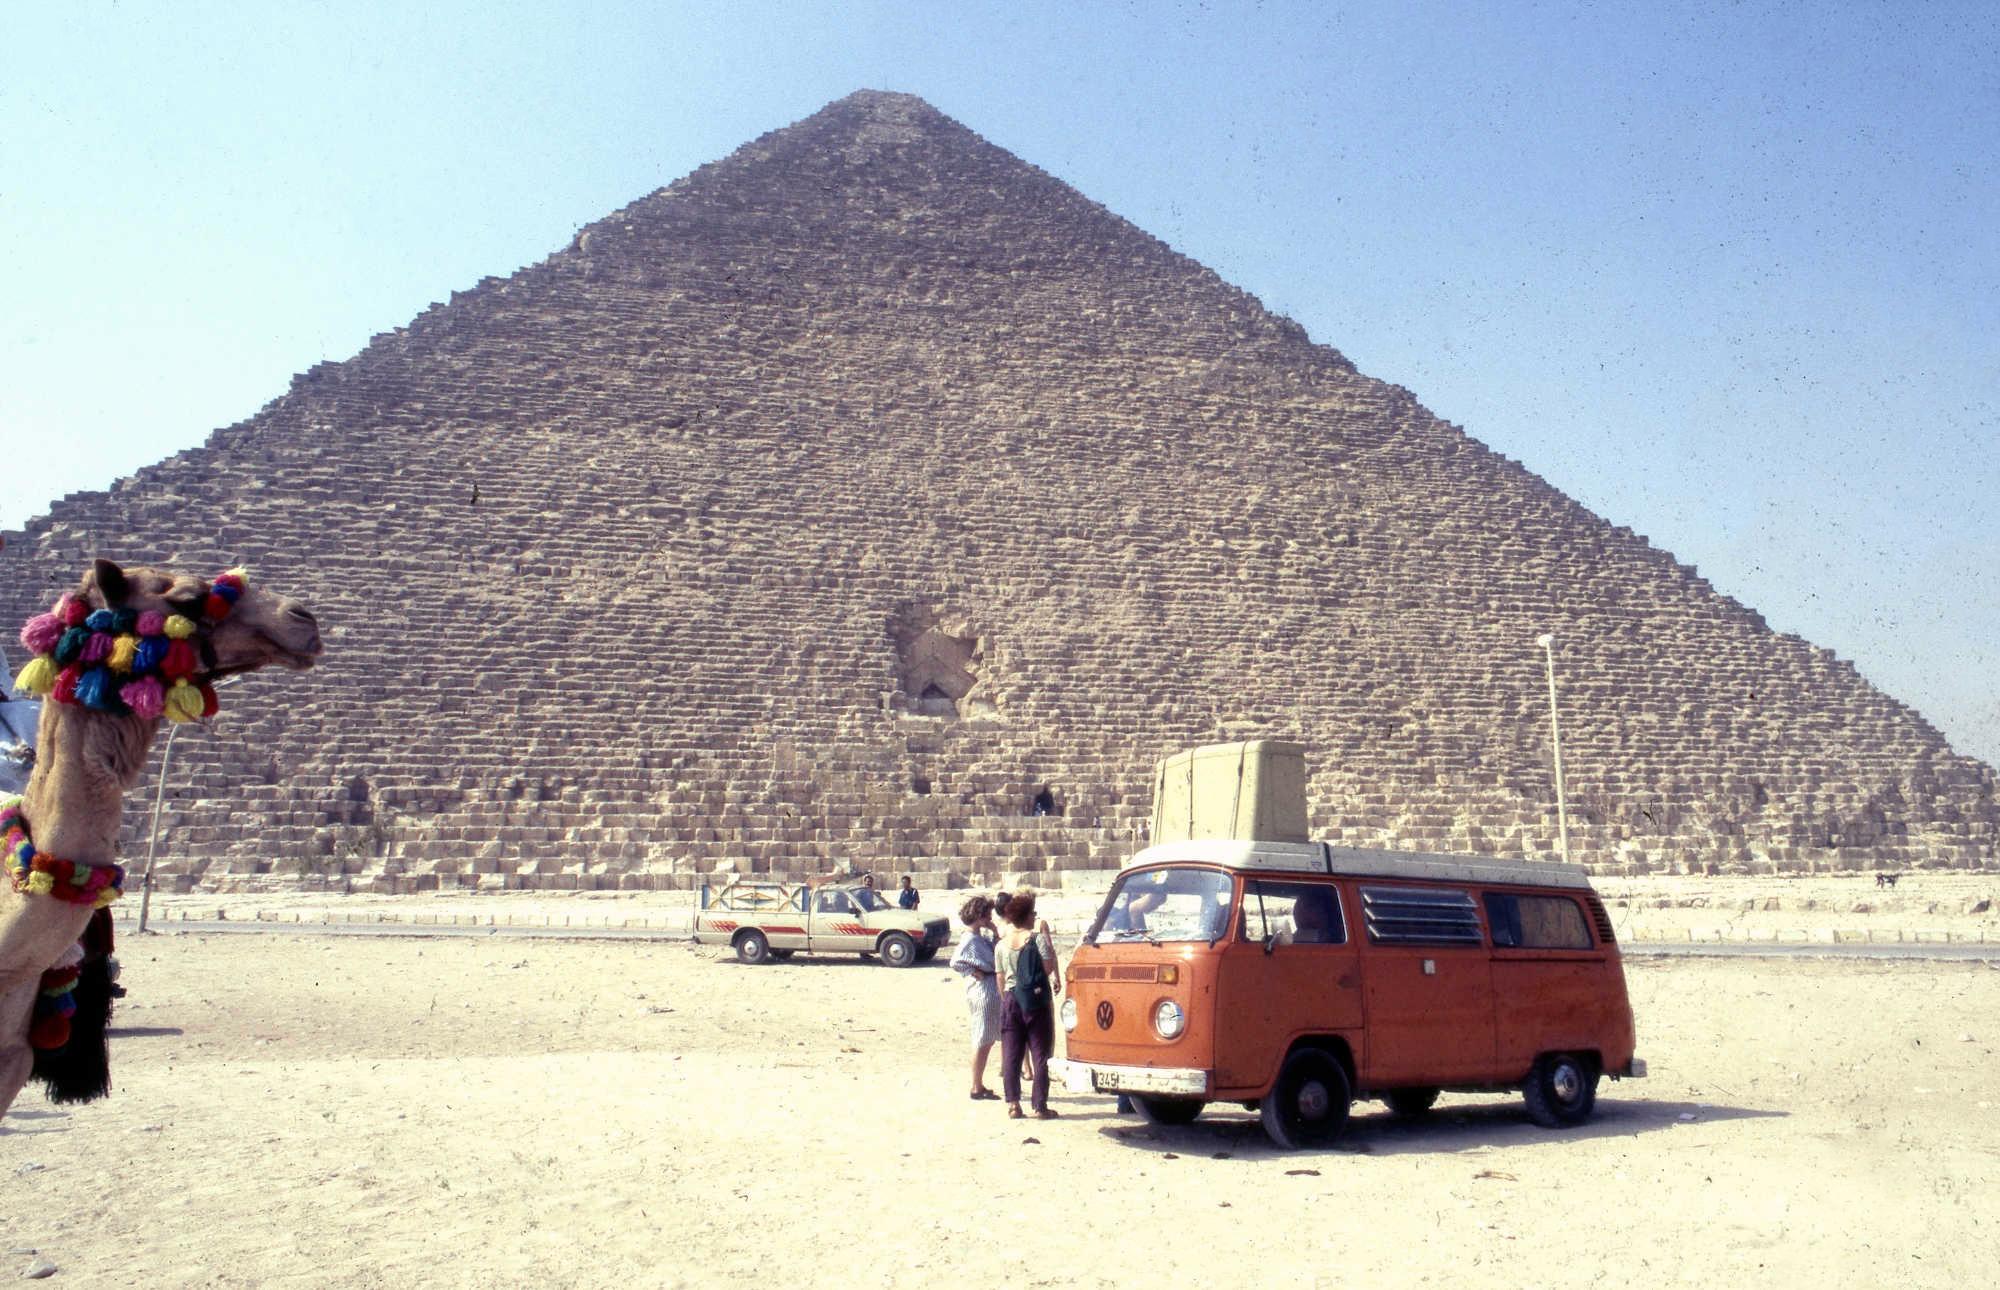 Pyramide in Ägypten, links guckt ein Kamel ins Bild, im Vordergrund ein orangefarbener VW-Bulli